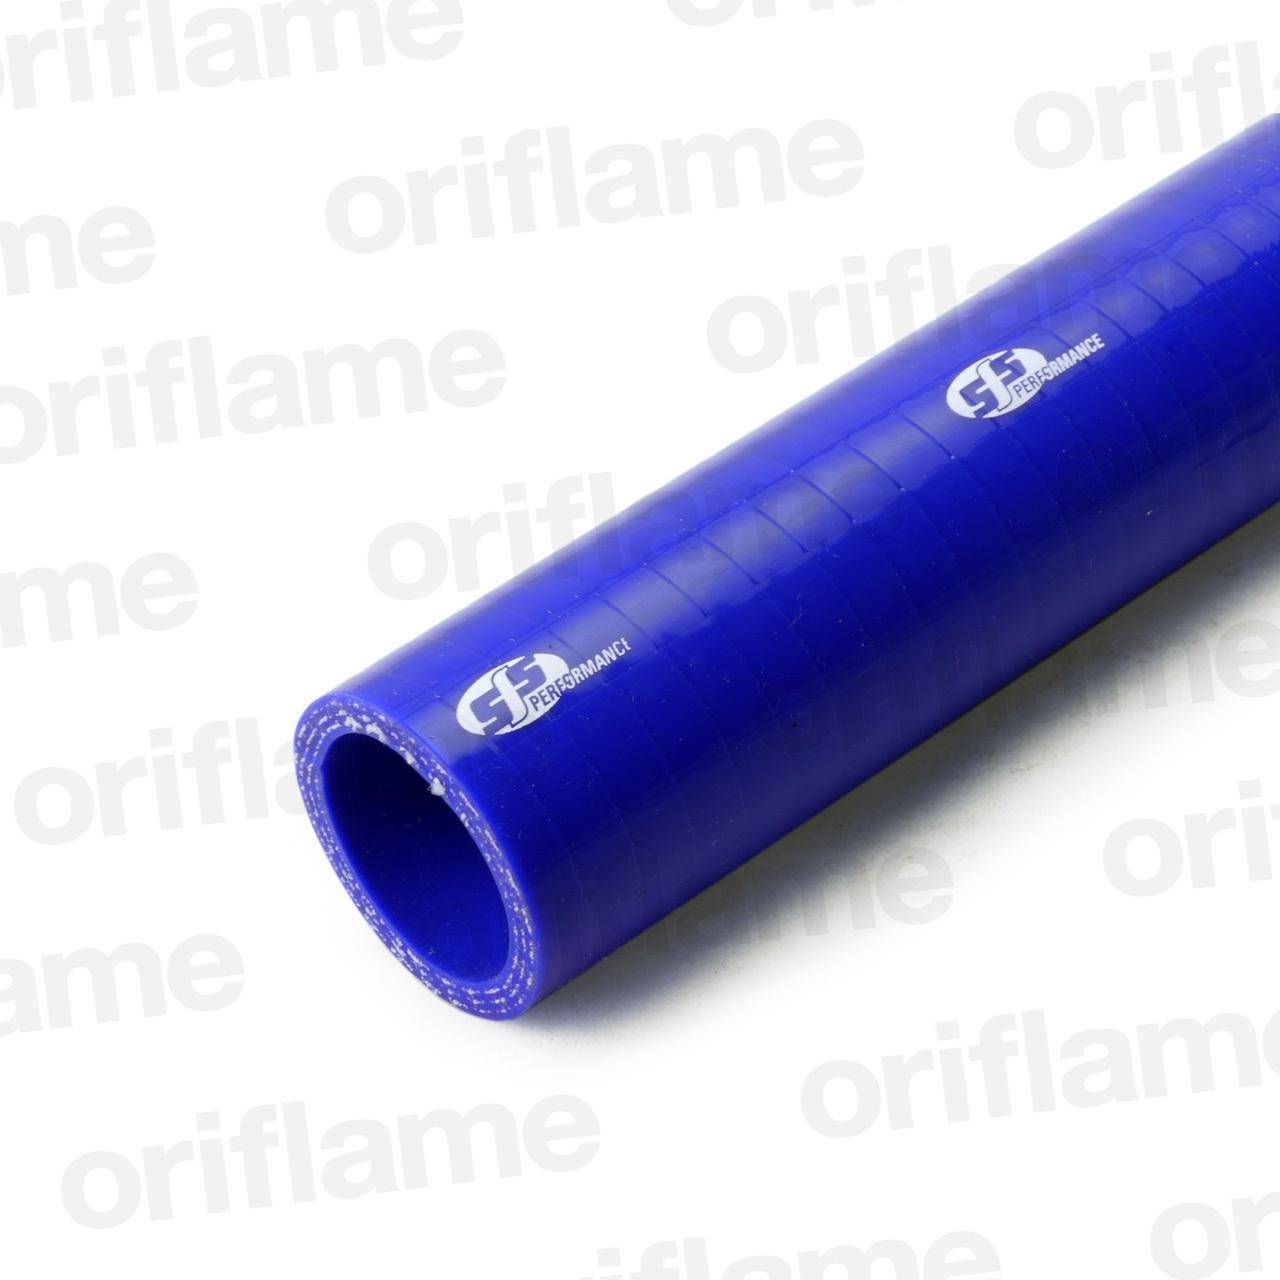 ストレートホース・内径32mm・ブルー